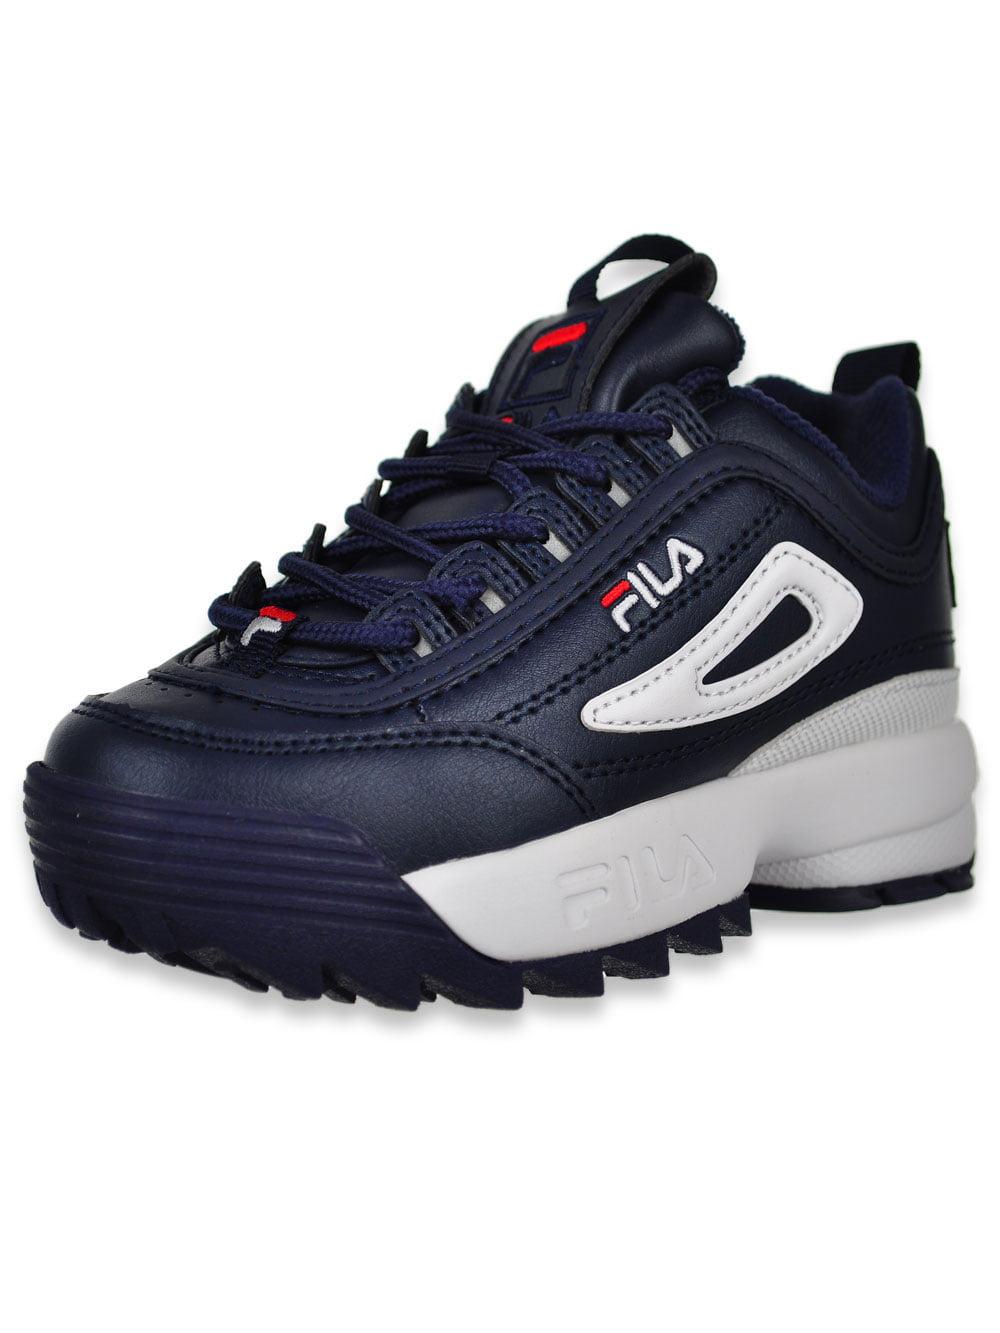 Fila Boys' Disruptor II Sneakers (Sizes